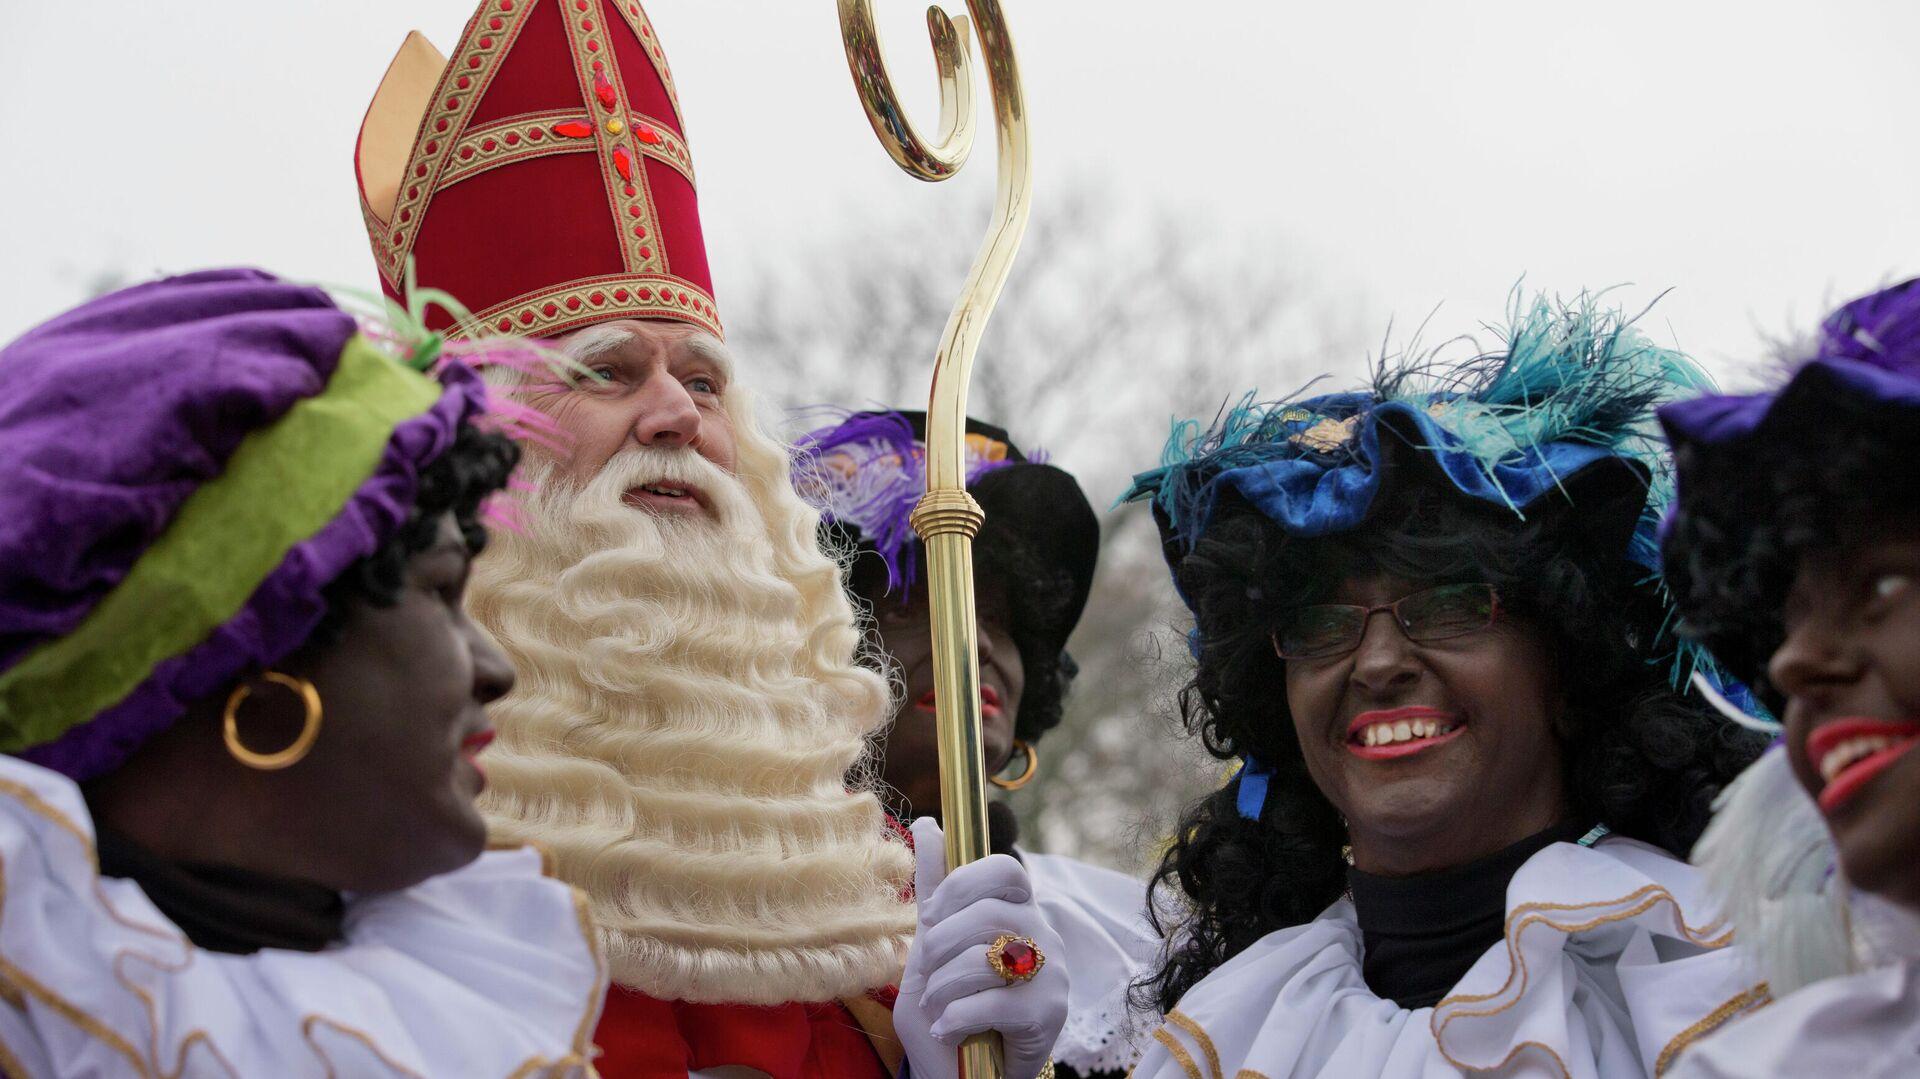 Синтерклаас, голландский Санта-Клаус, в окружении так называемых Черных Питов в Нидерландах - РИА Новости, 1920, 12.11.2020